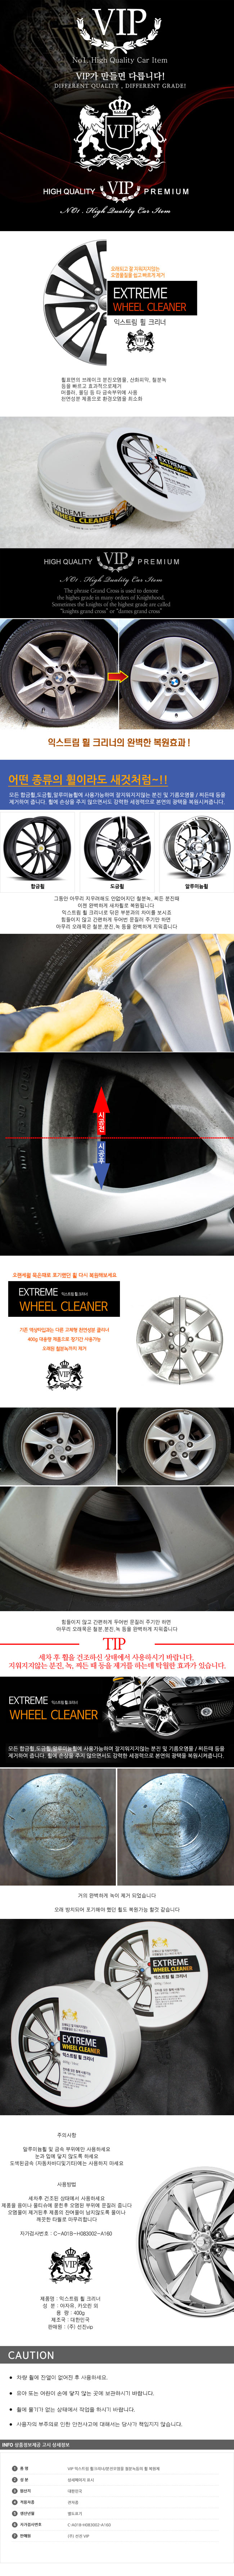 VIP 익스트림 고체 휠크리너/분진오염물 철분녹등의 휠 복원제